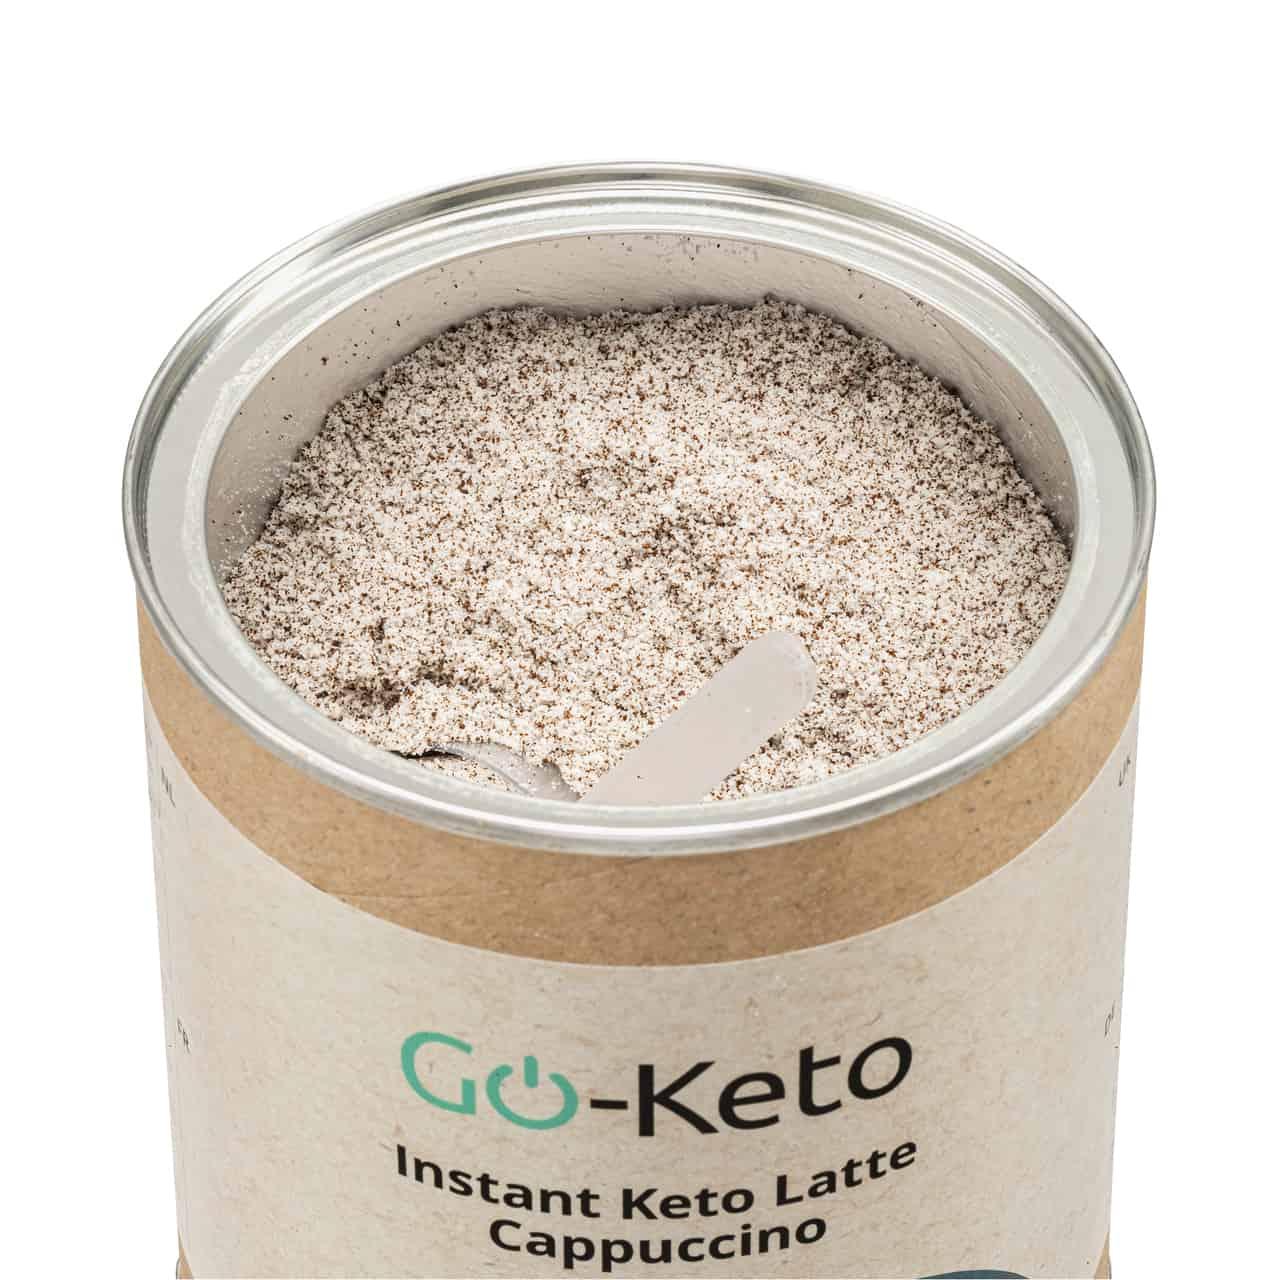 Go-Keto Instant Keto Latte Cappuccino (60/40)